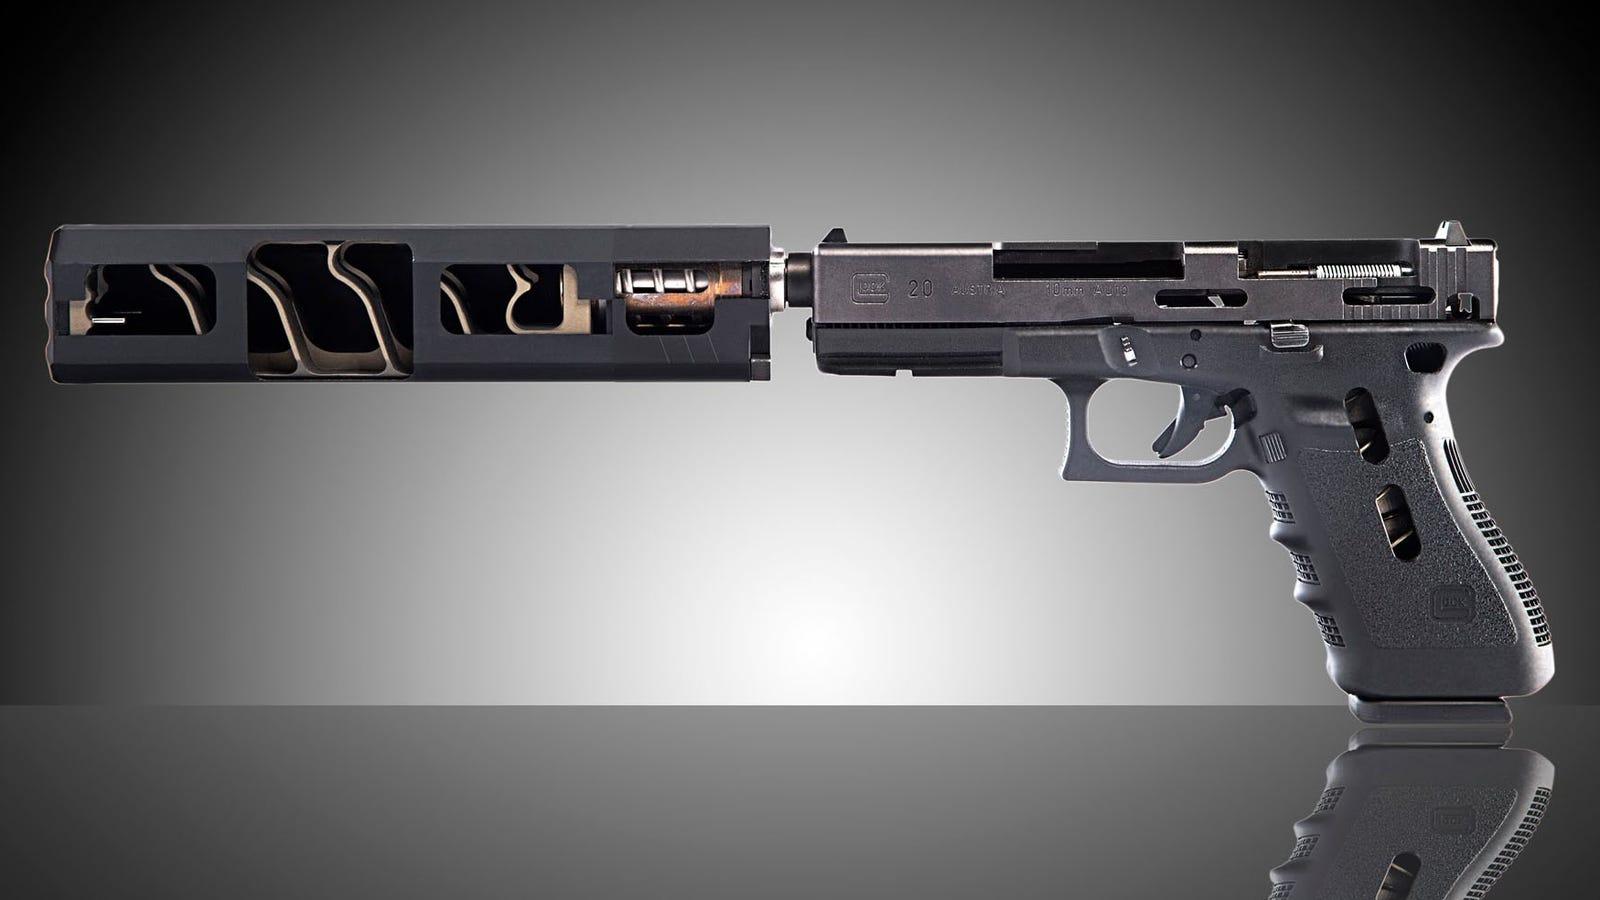 Cómo es por dentro y cómo funciona en realidad el silenciador de un arma